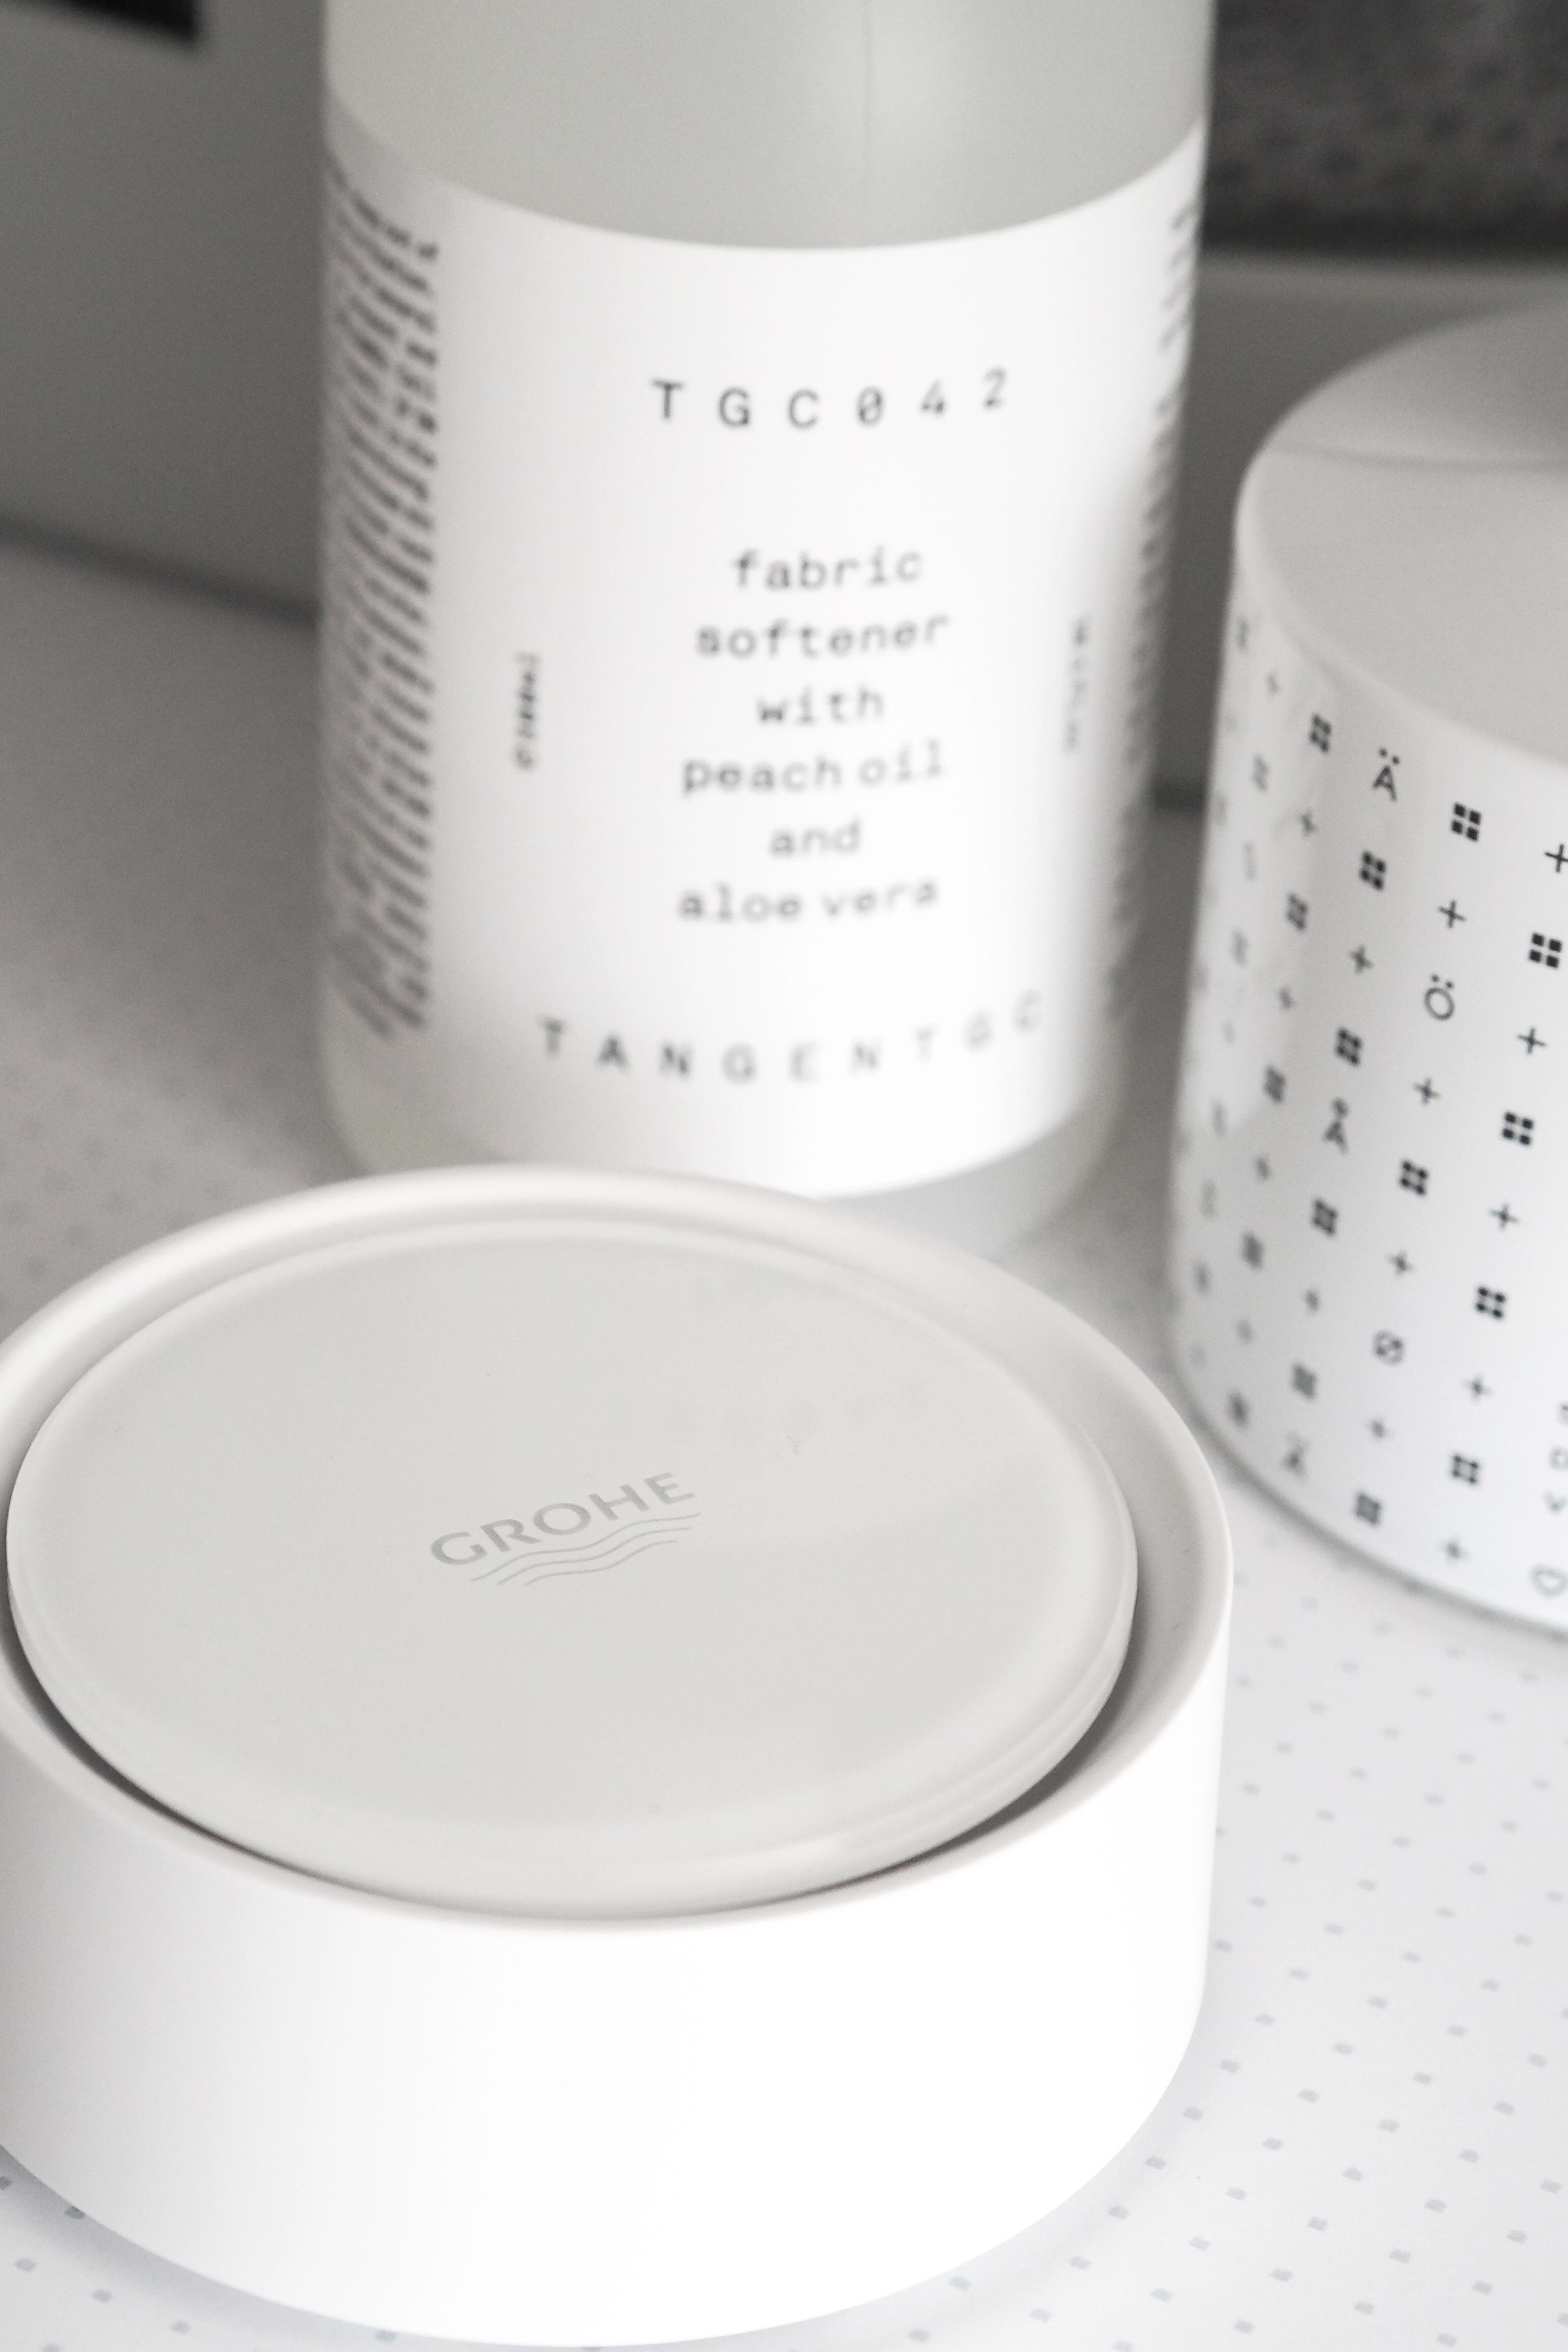 At home, Grohe Sense water sensor